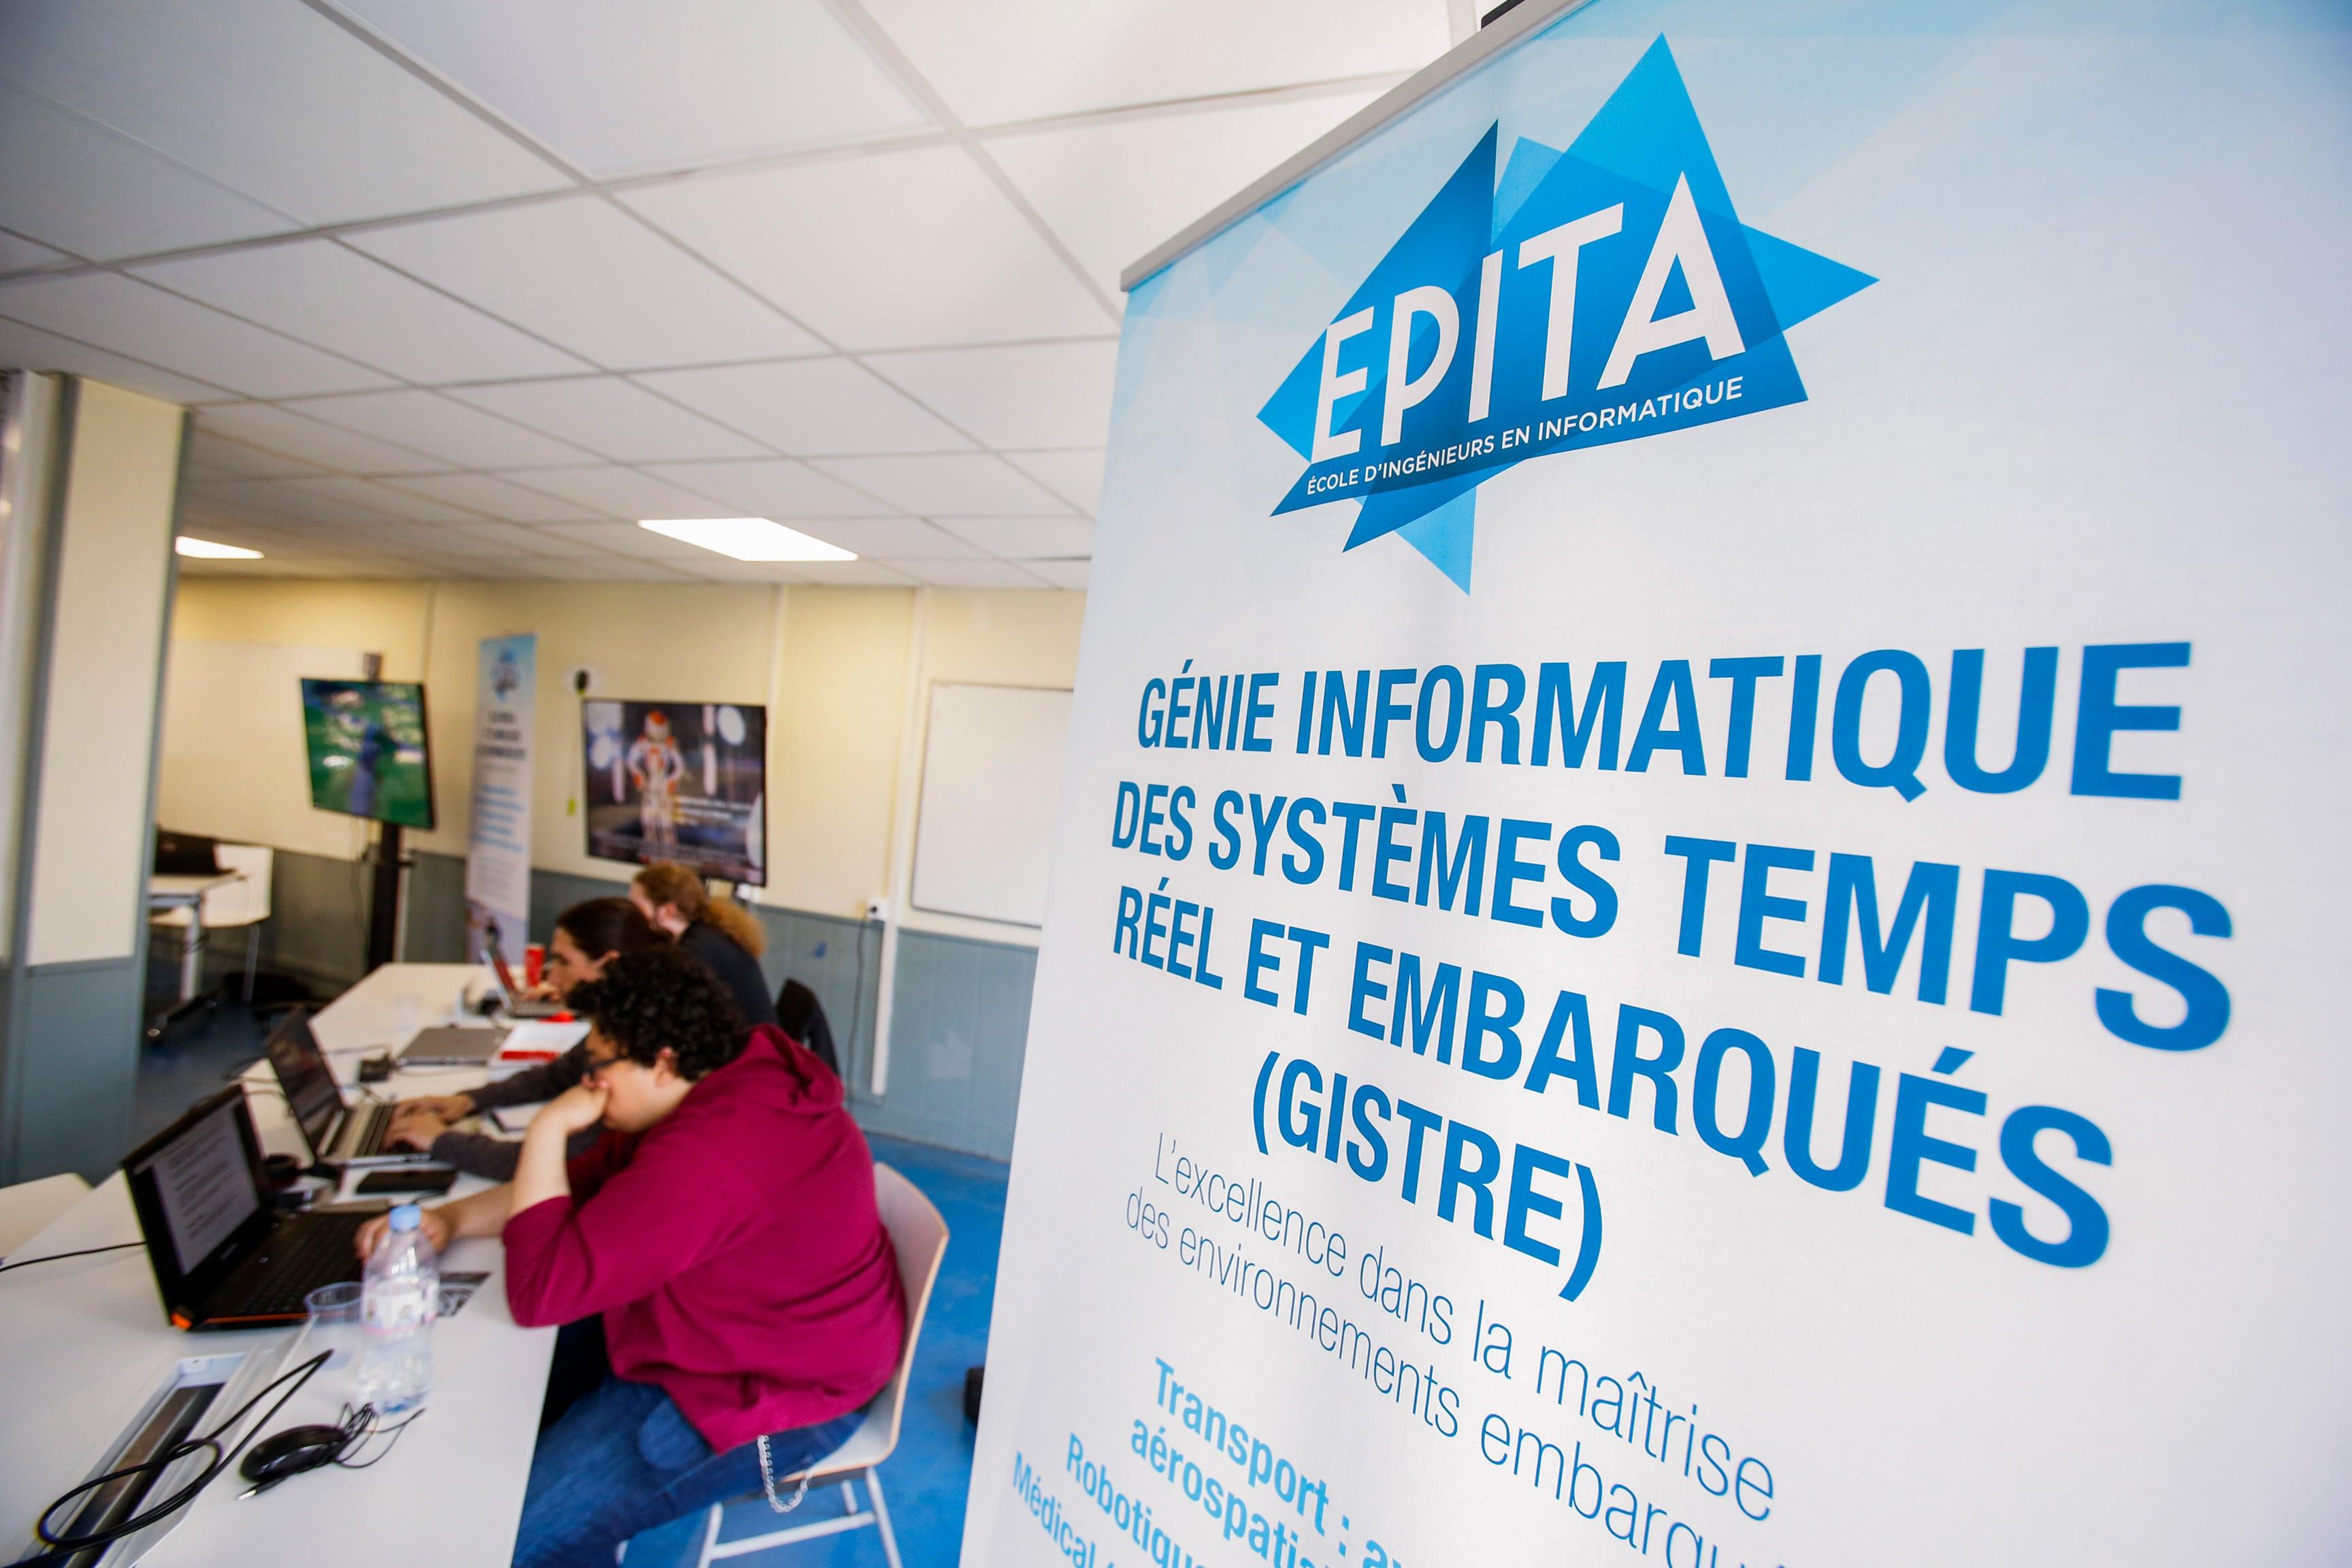 EPITA, Ecole d'ingénieurs en intelligence informatique